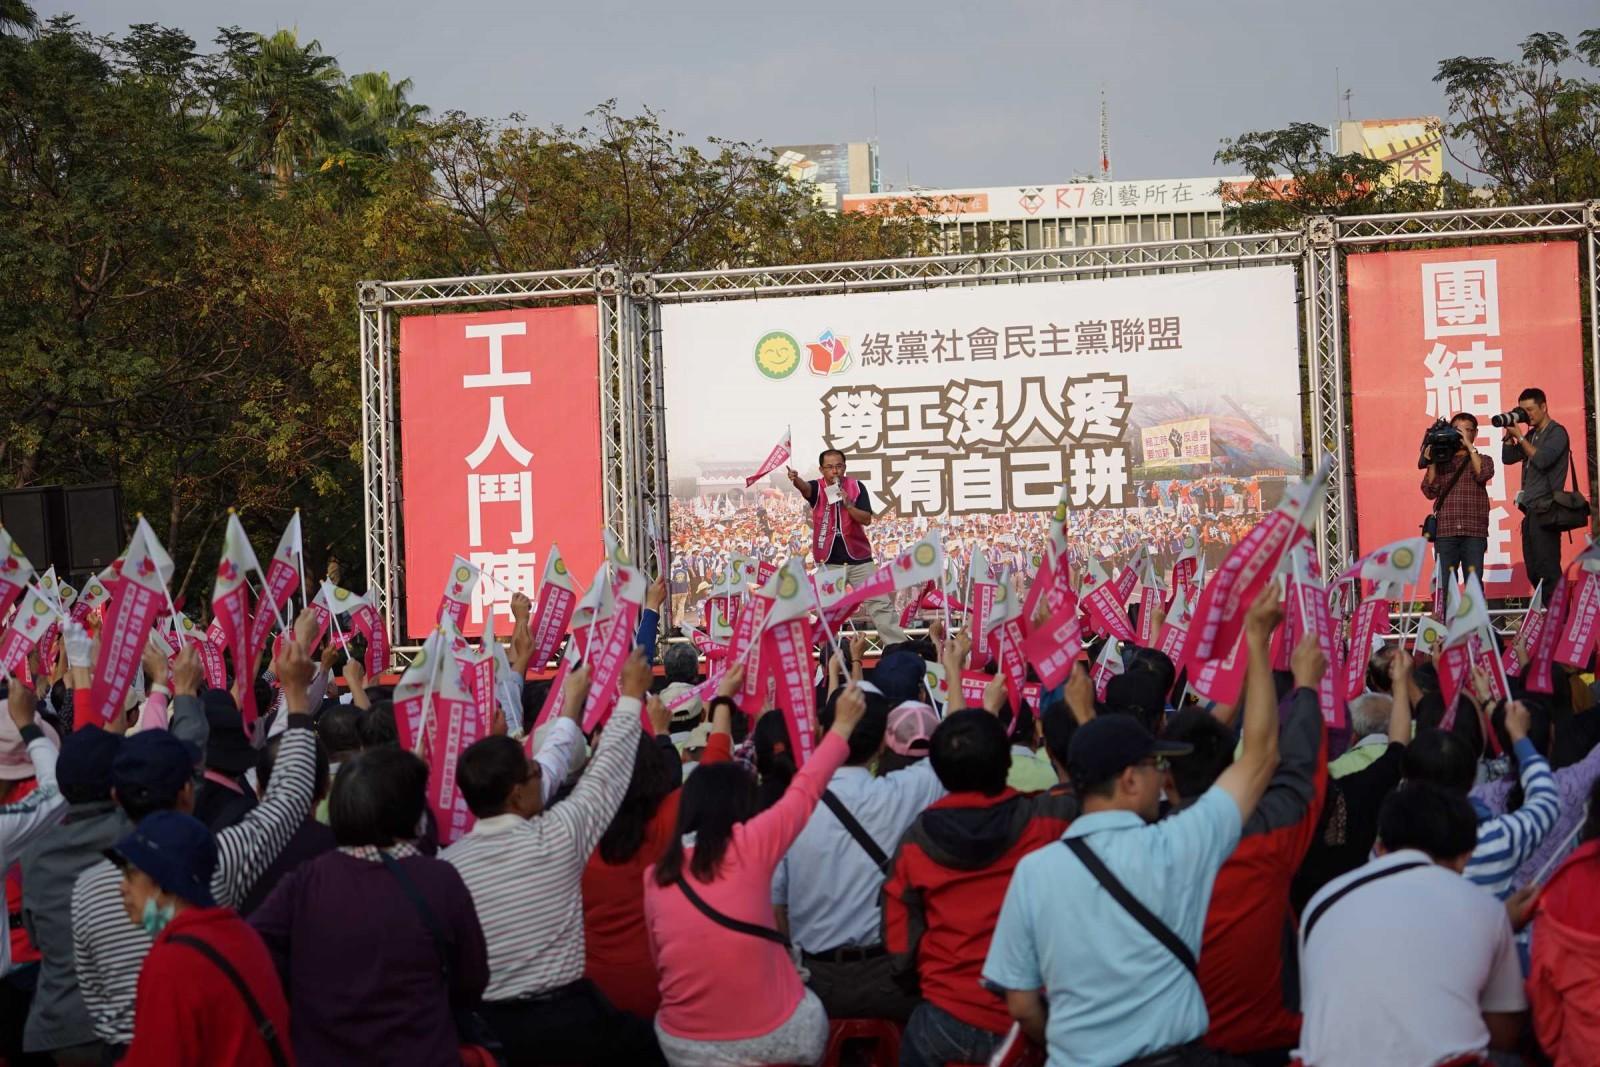 勞工列政黨不分區首位  千名勞工代表誓師支持綠社盟